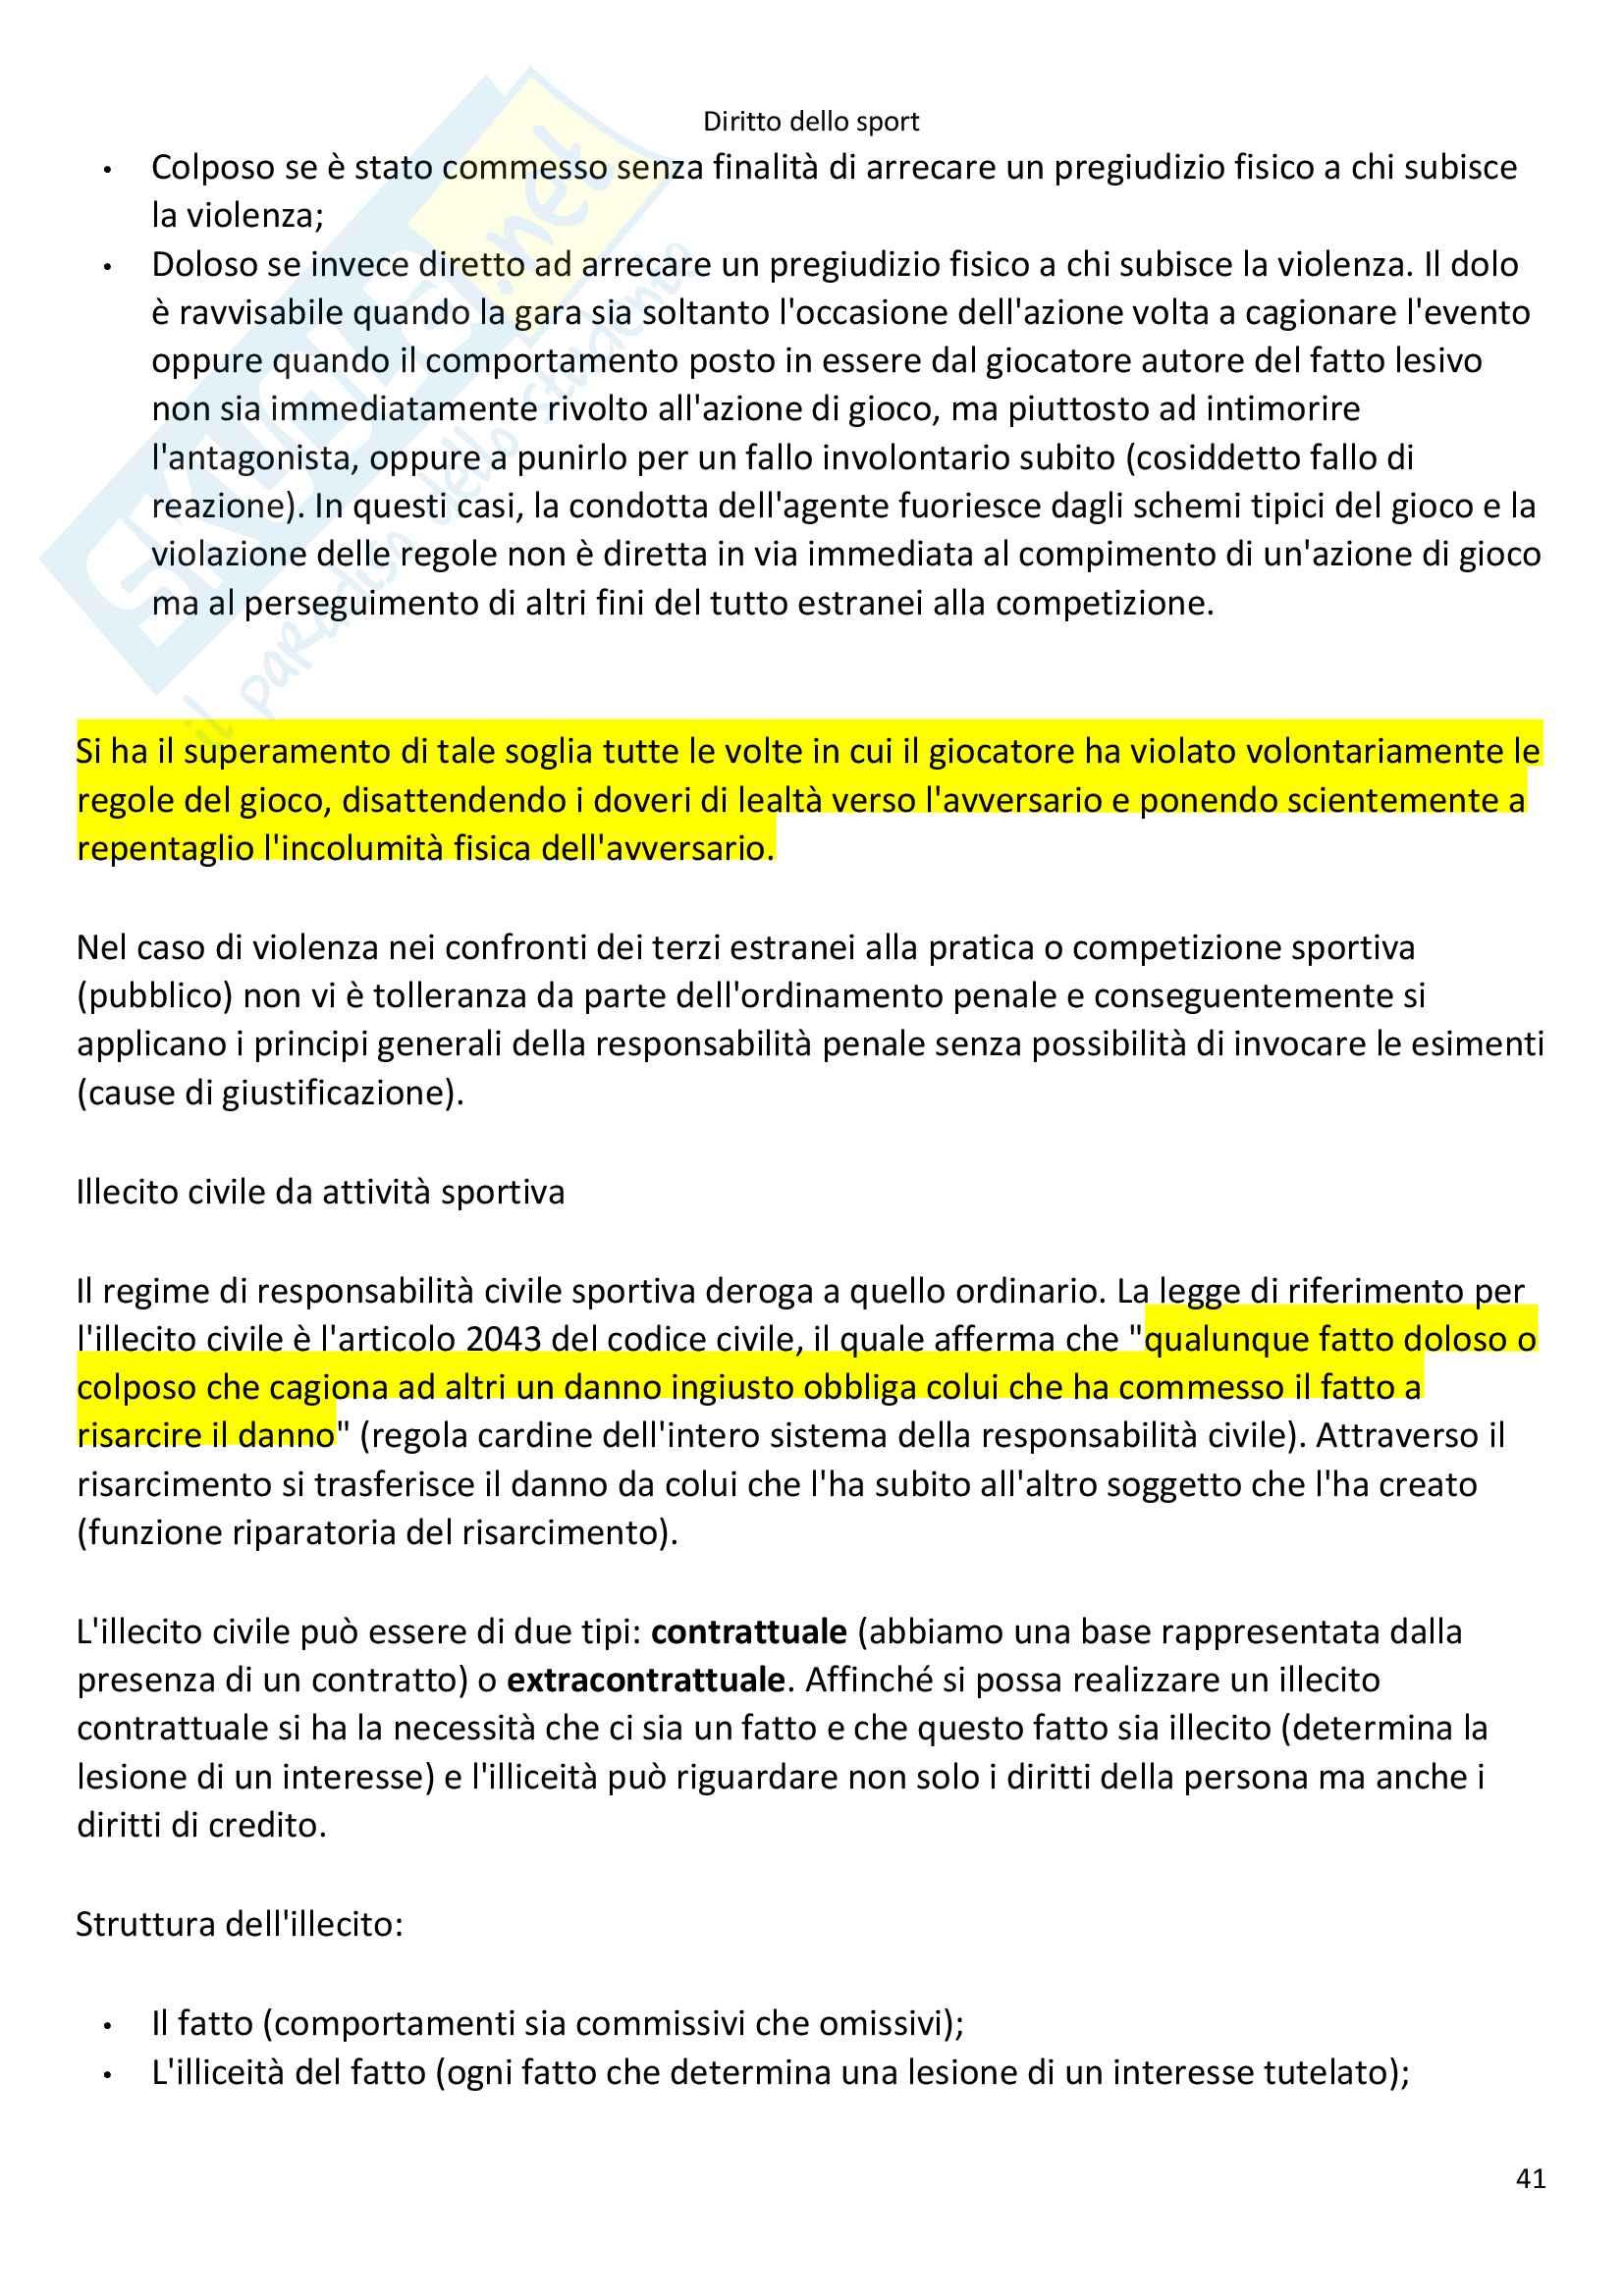 Appunti Diritto dello Sport Pag. 41